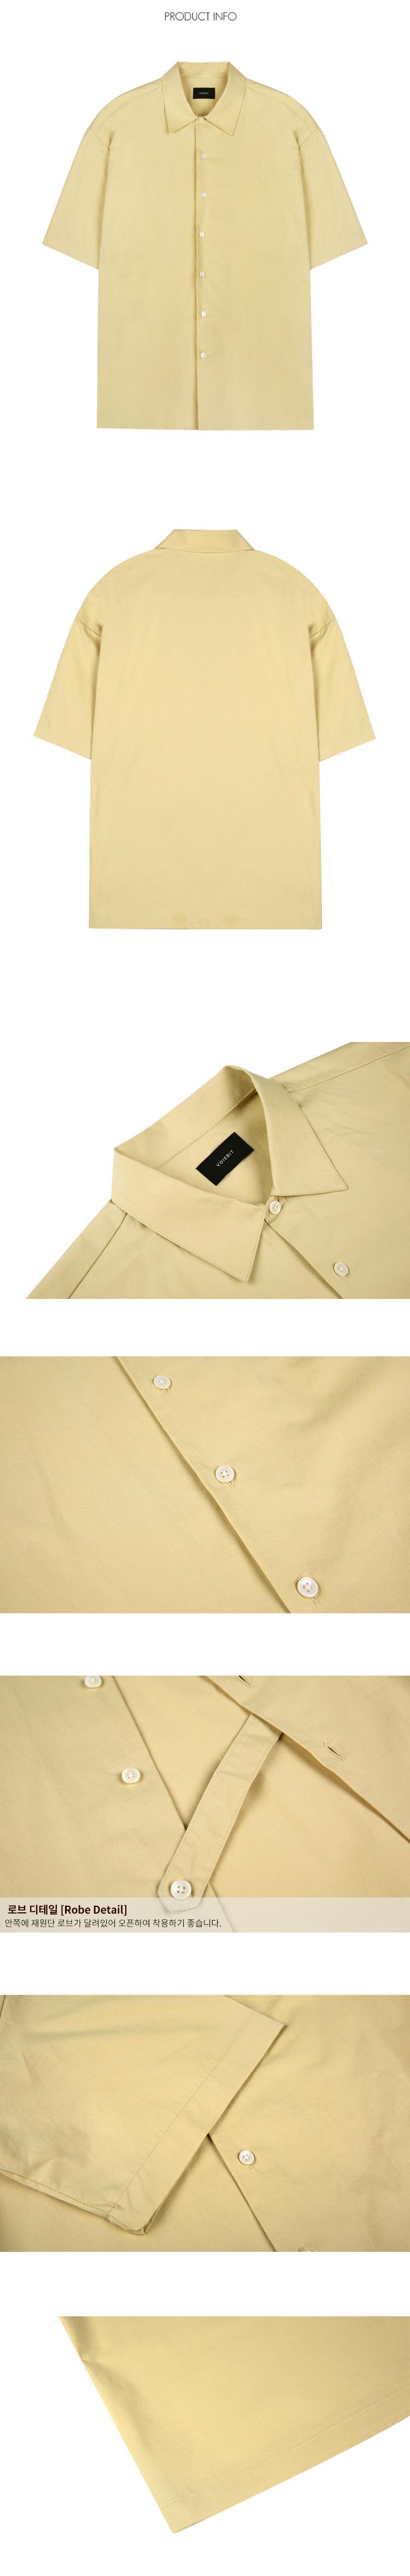 브아빗(VOIEBIT) V454 로브 반팔 셔츠-(베이지)